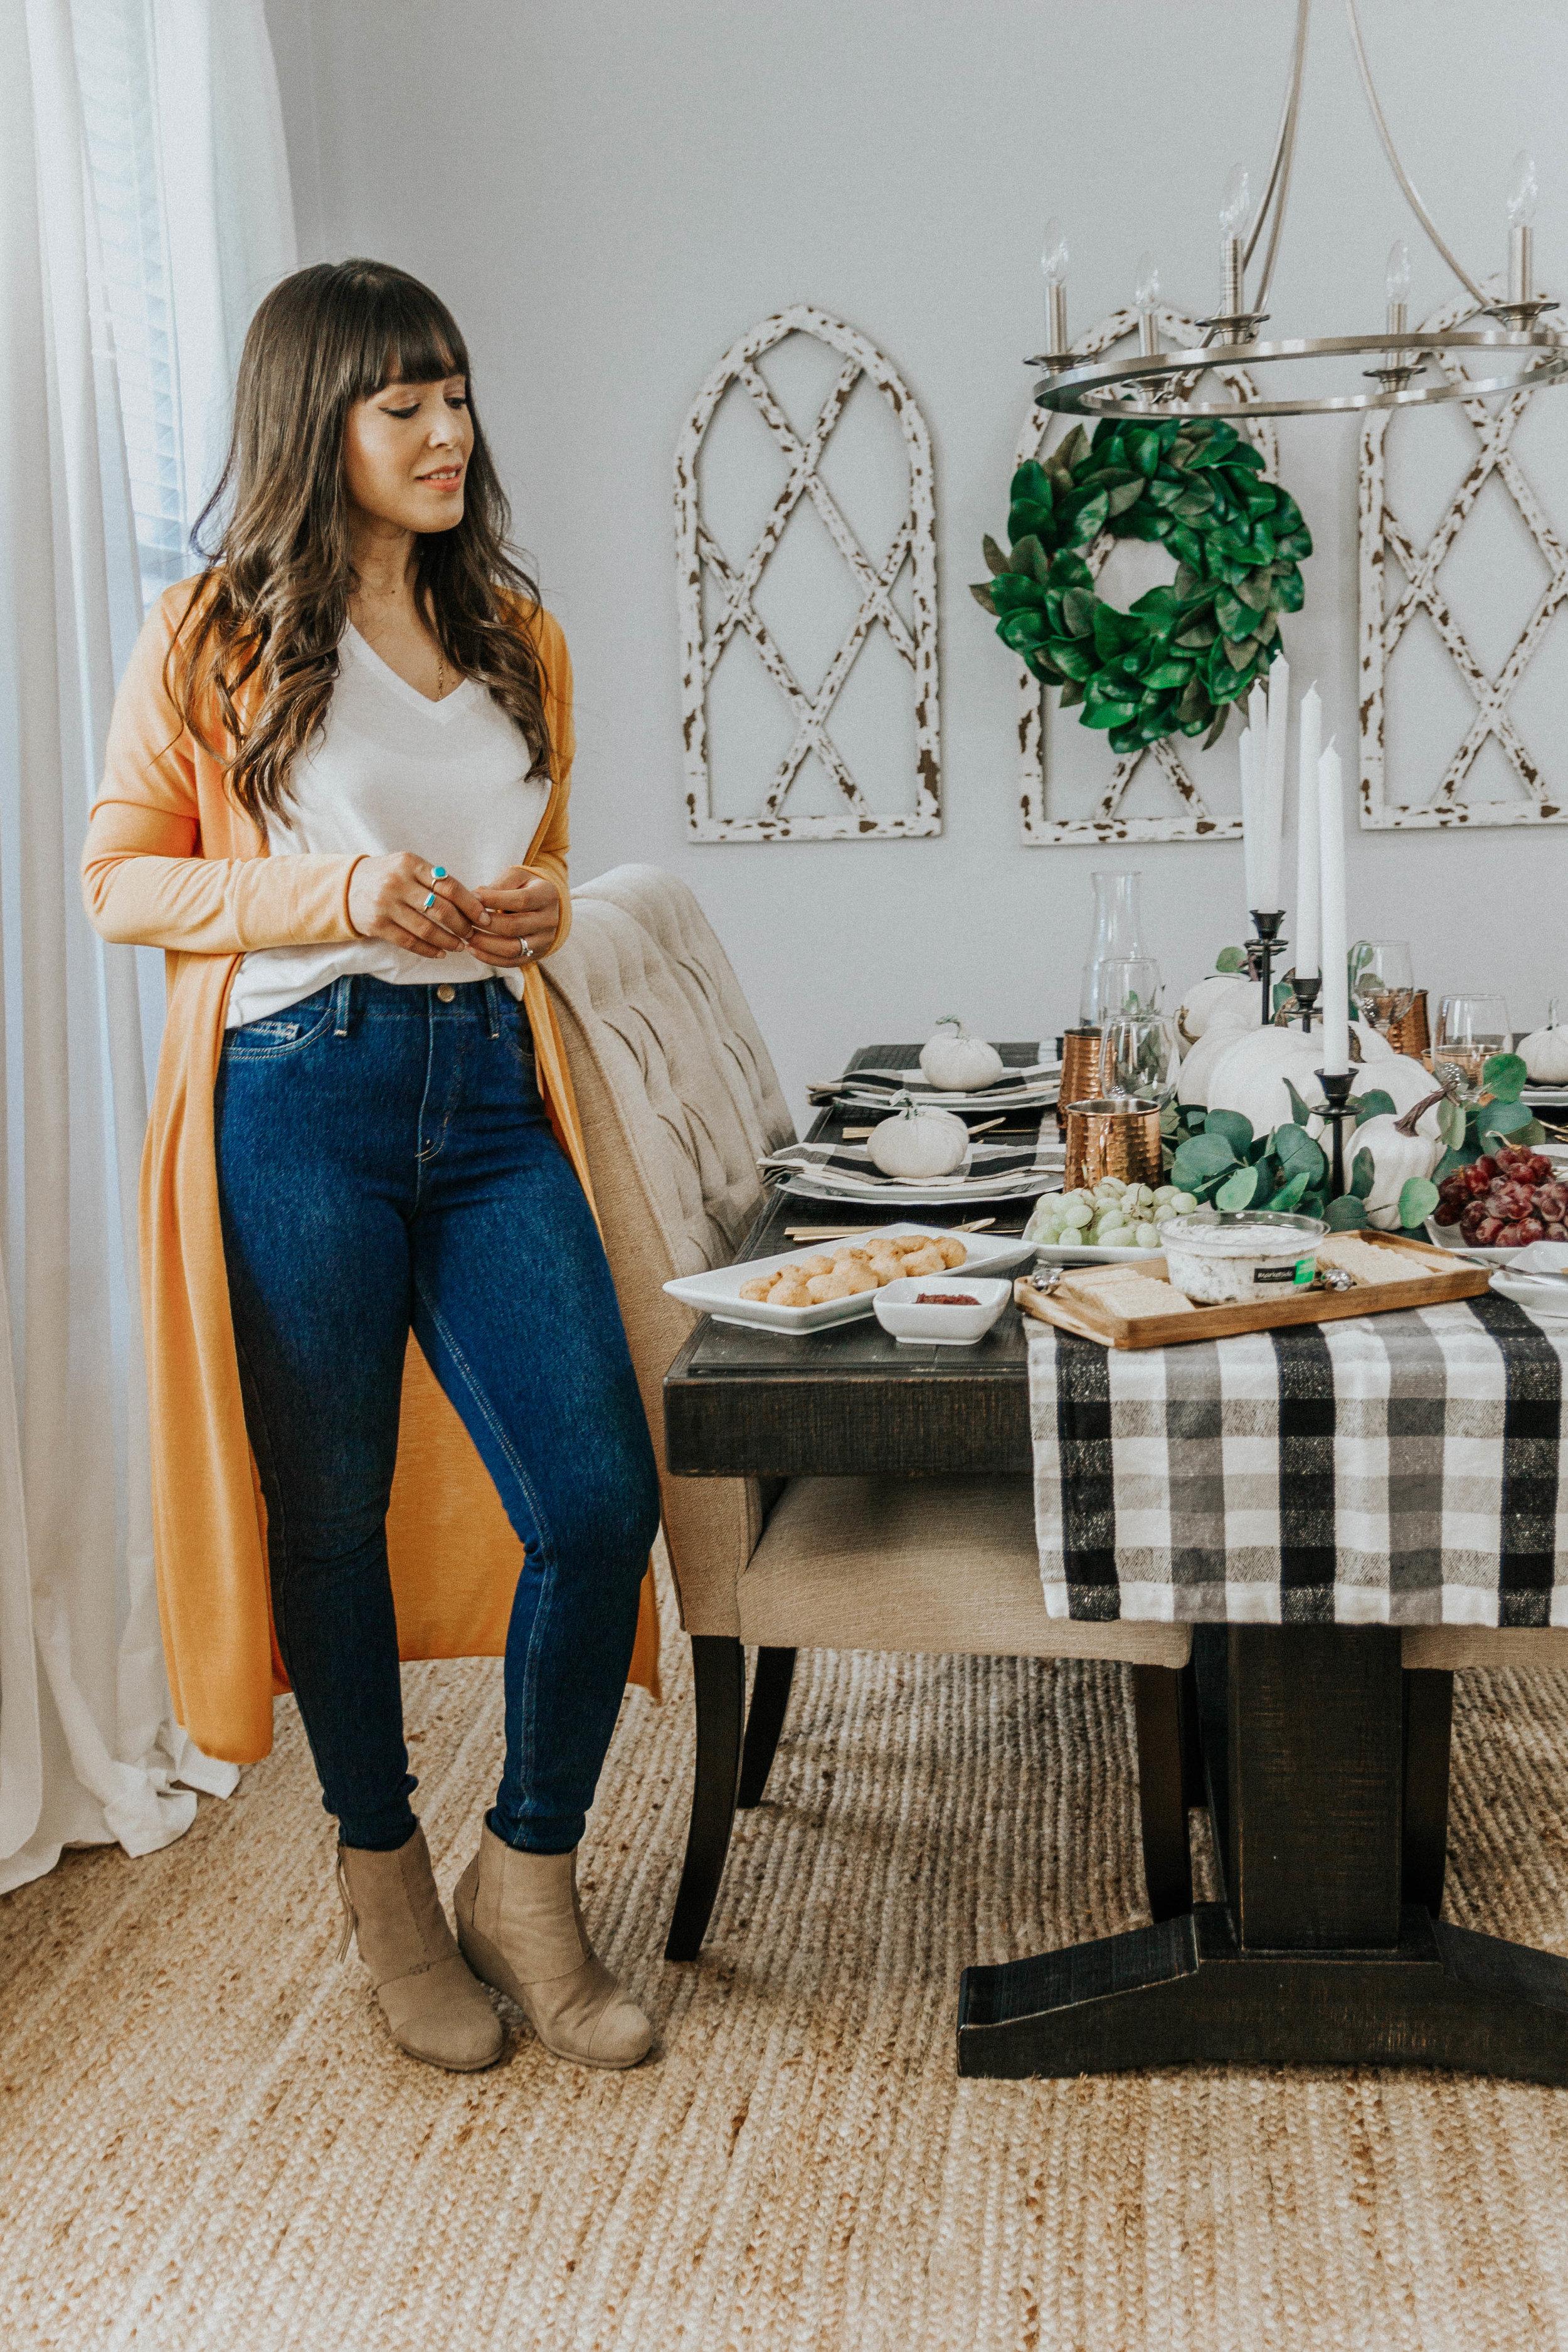 Thanksgiving table decor Spanglishfashion